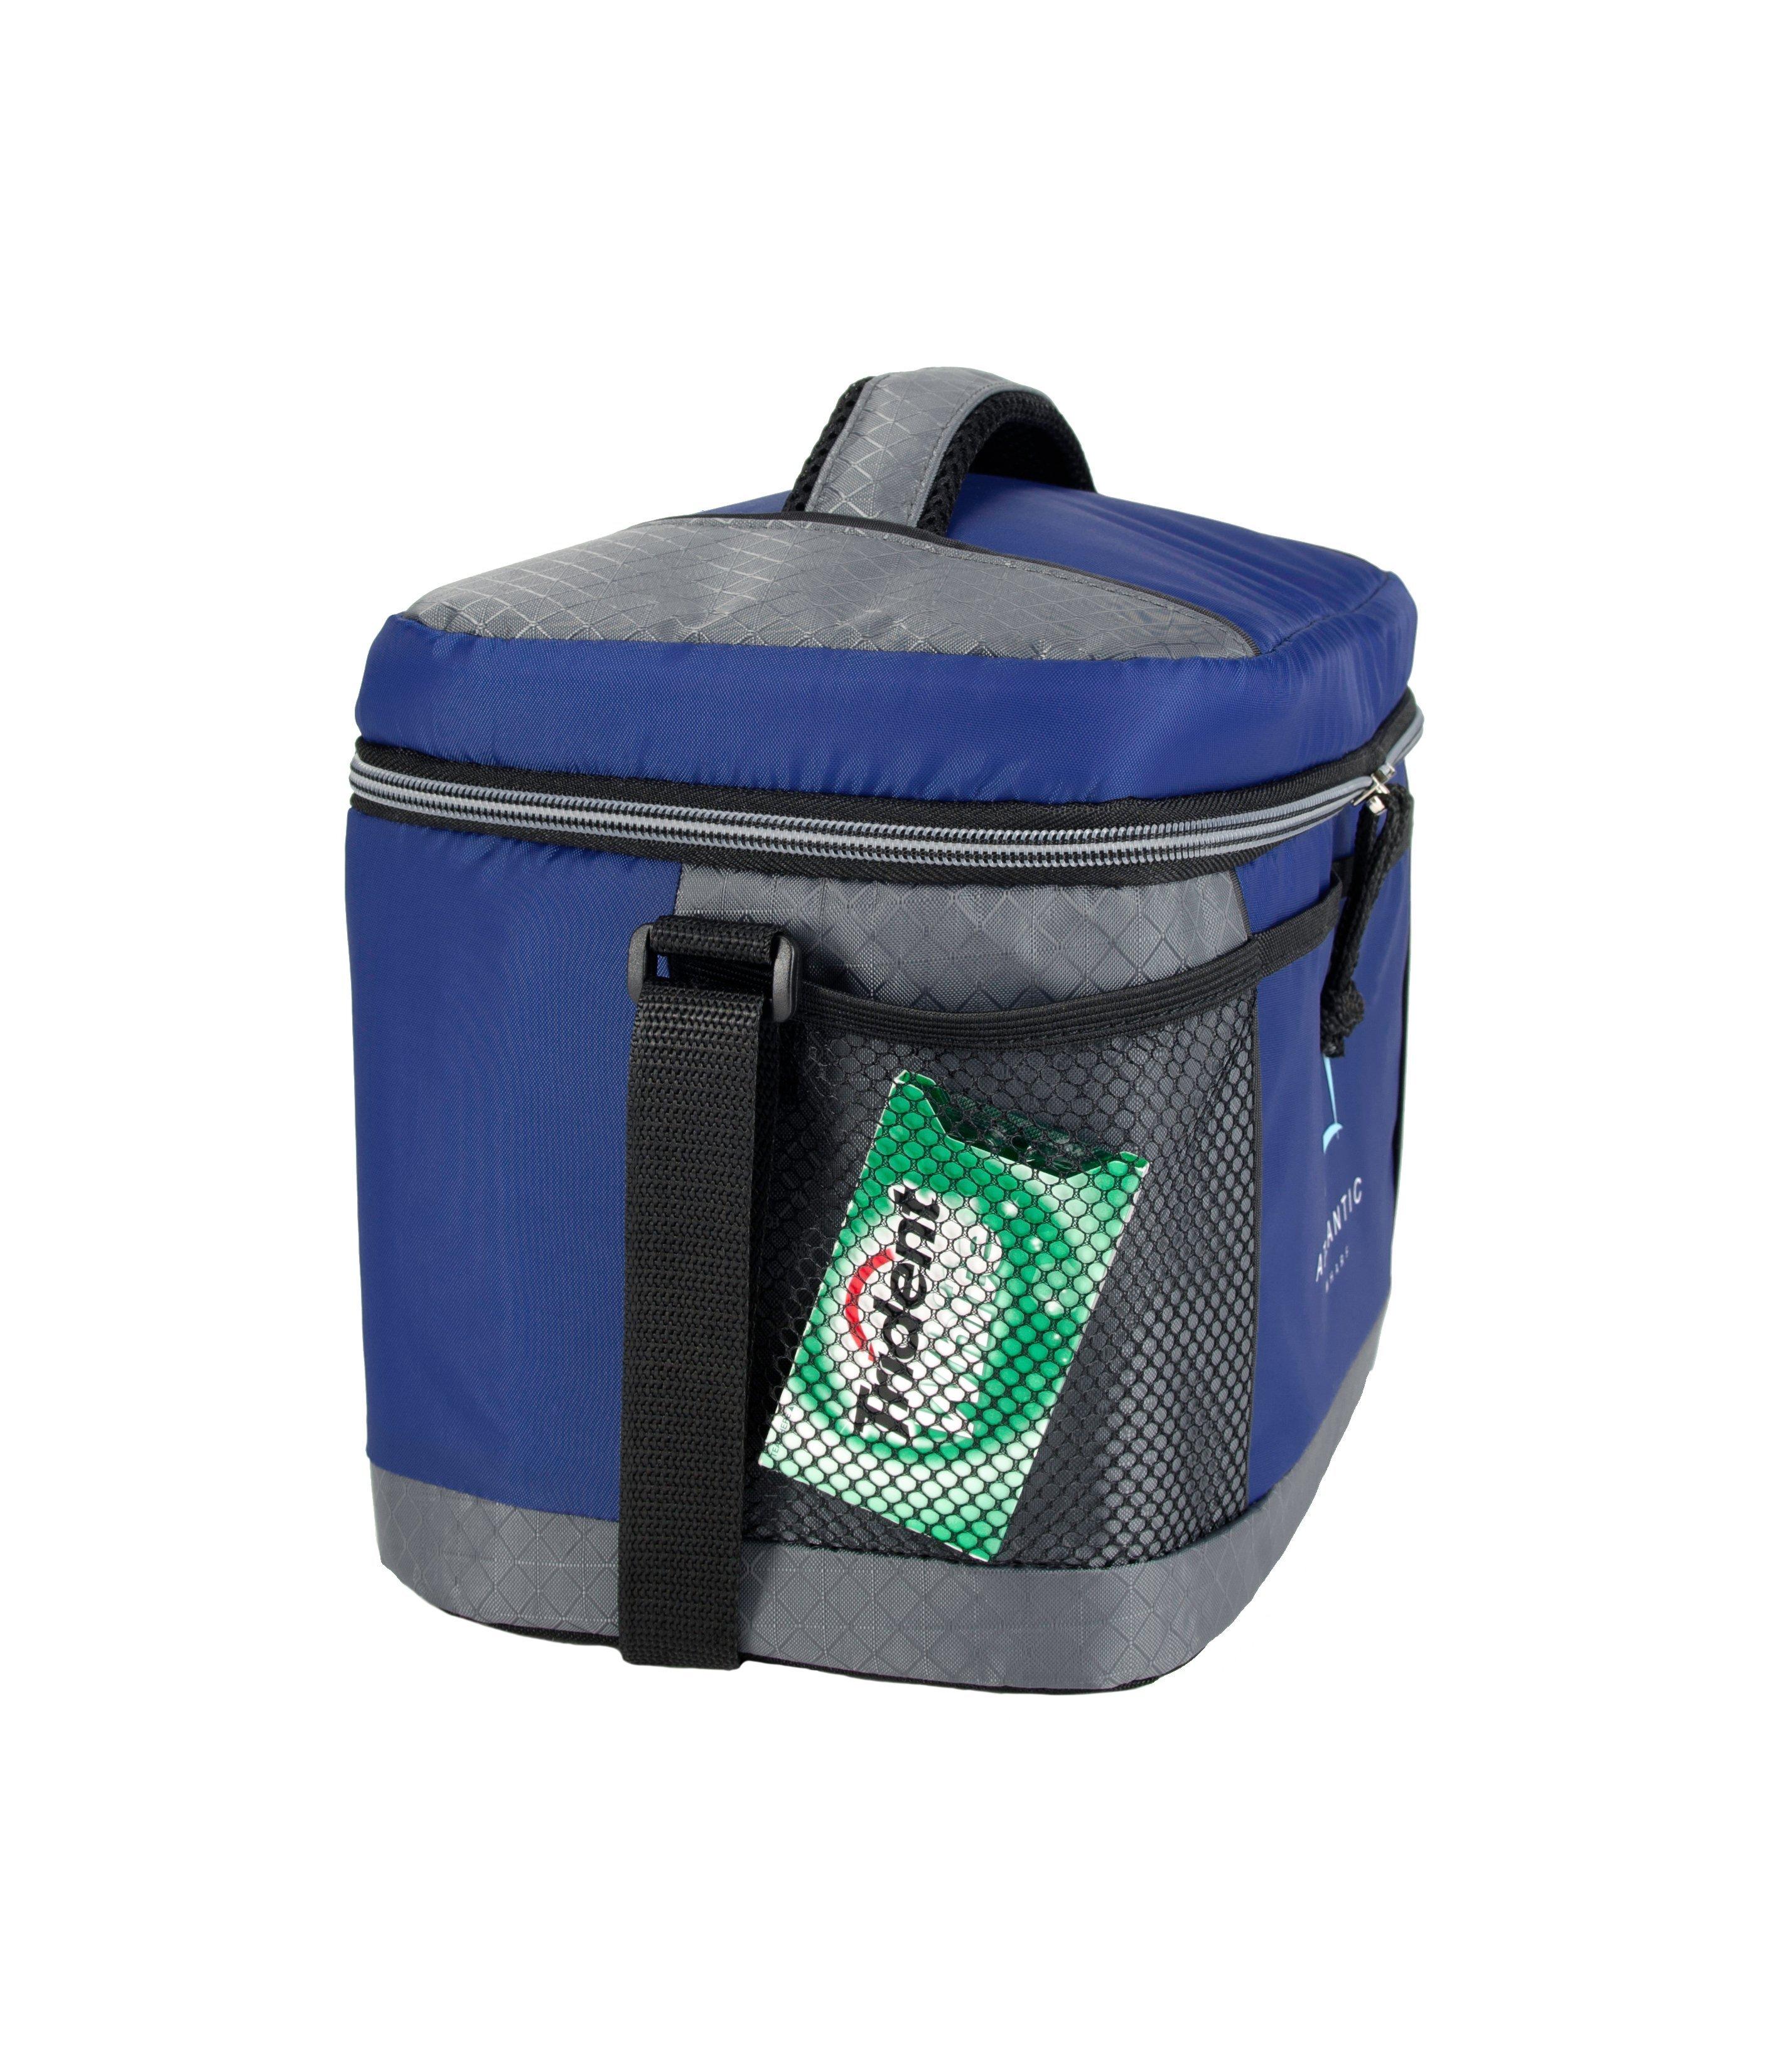 Alpine Lunch Cooler